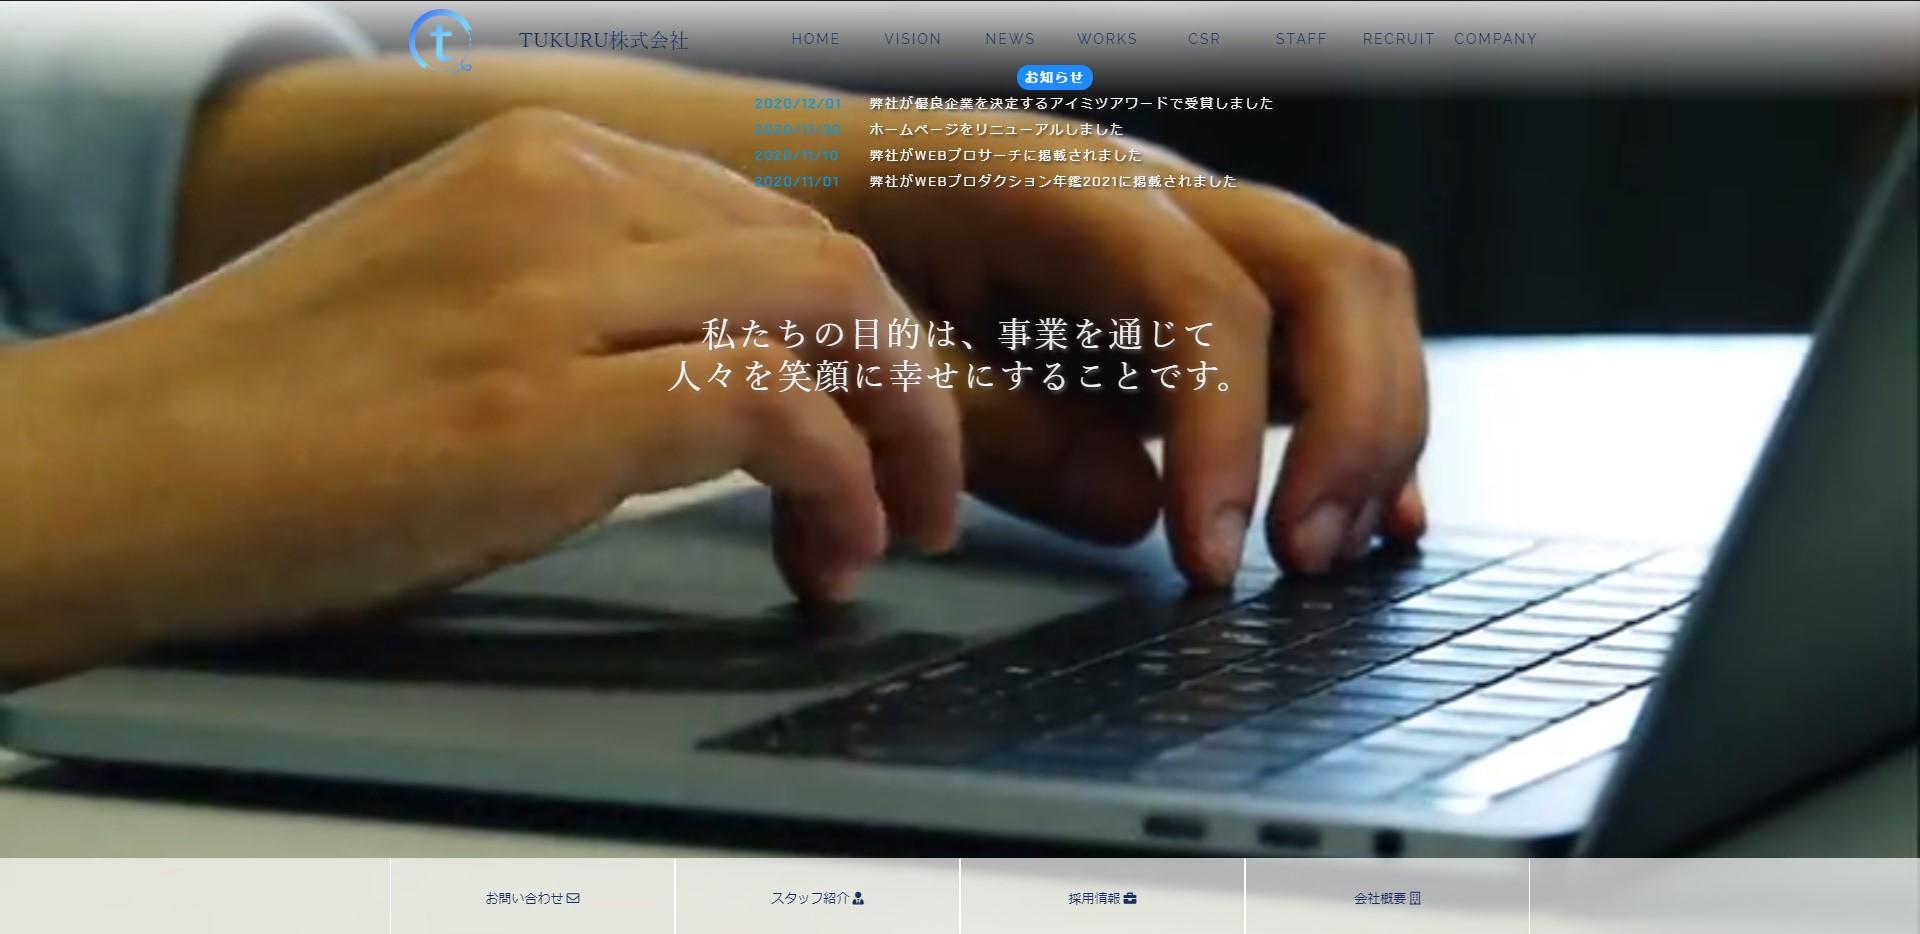 ホームページに動画を載せるときに起きる問題点とその対処法